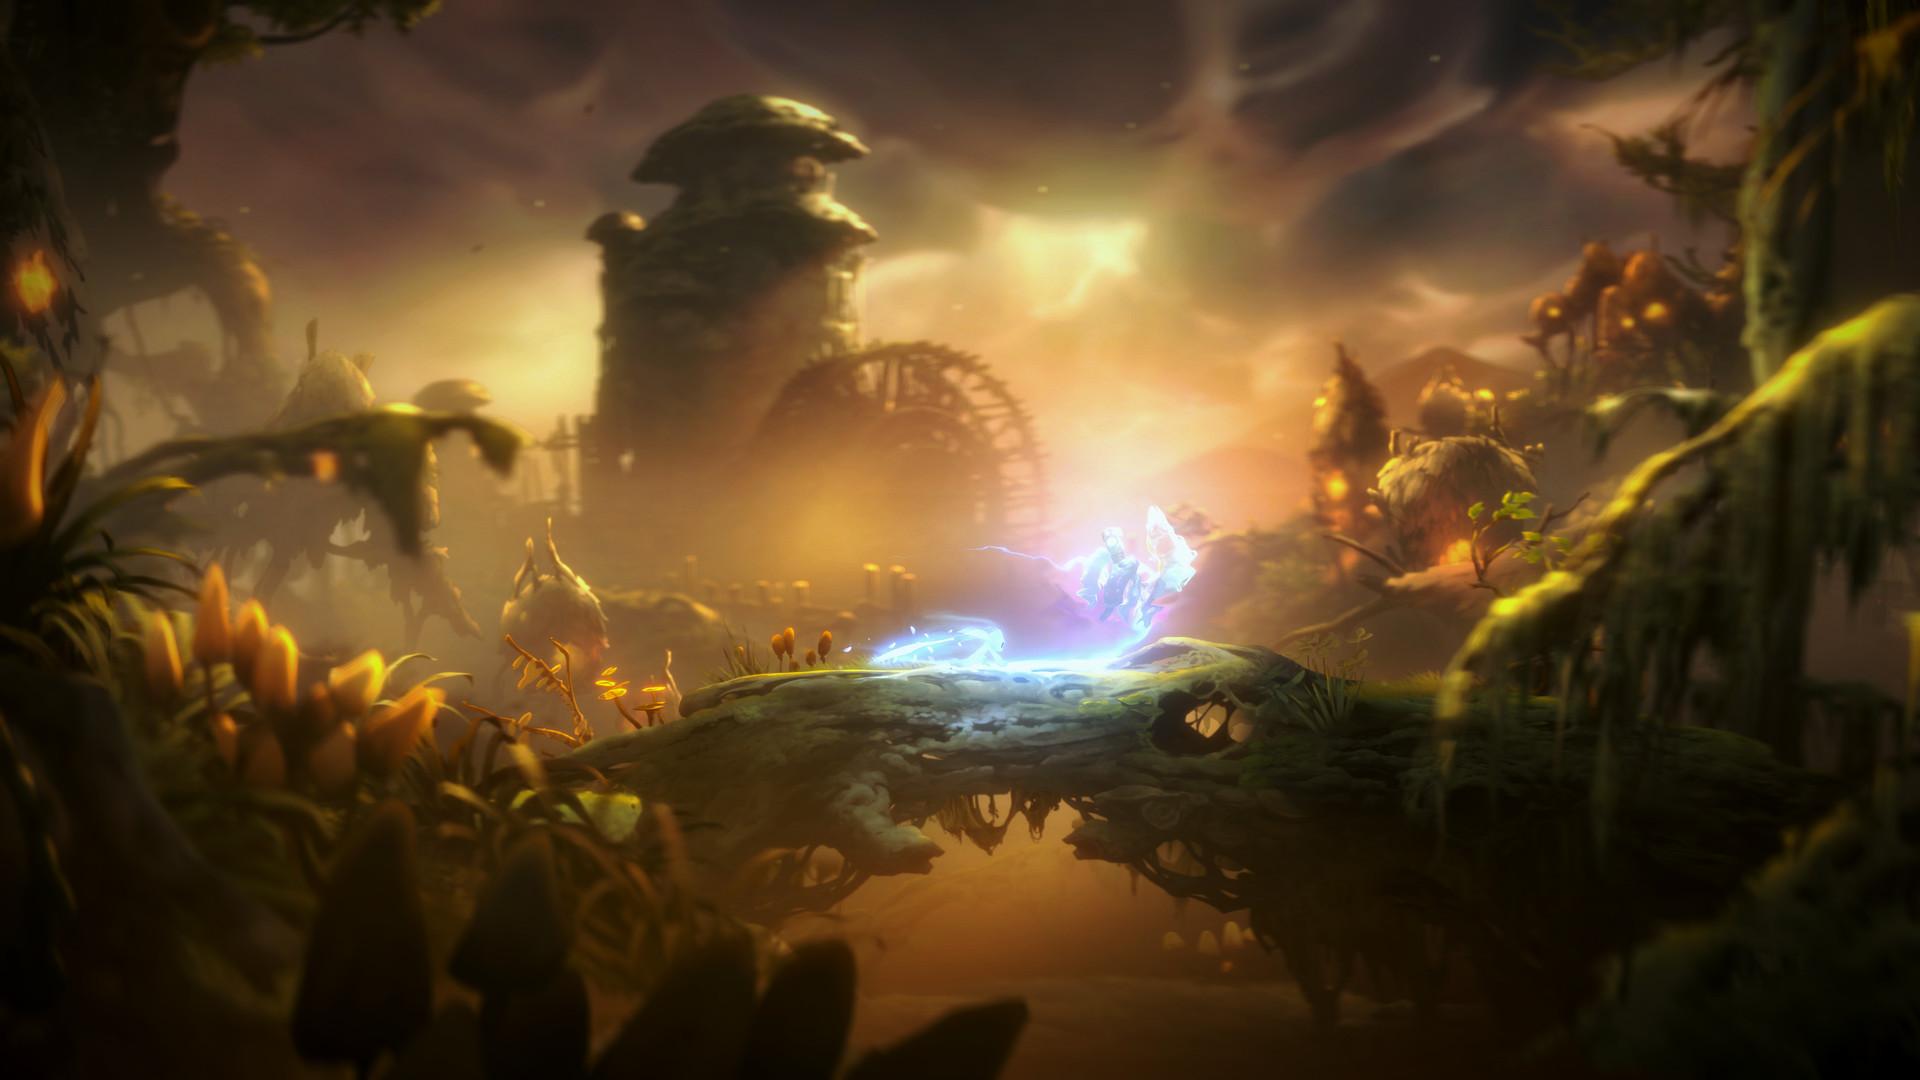 《奥日与萤火意志》Steam版首次促销 售价72元